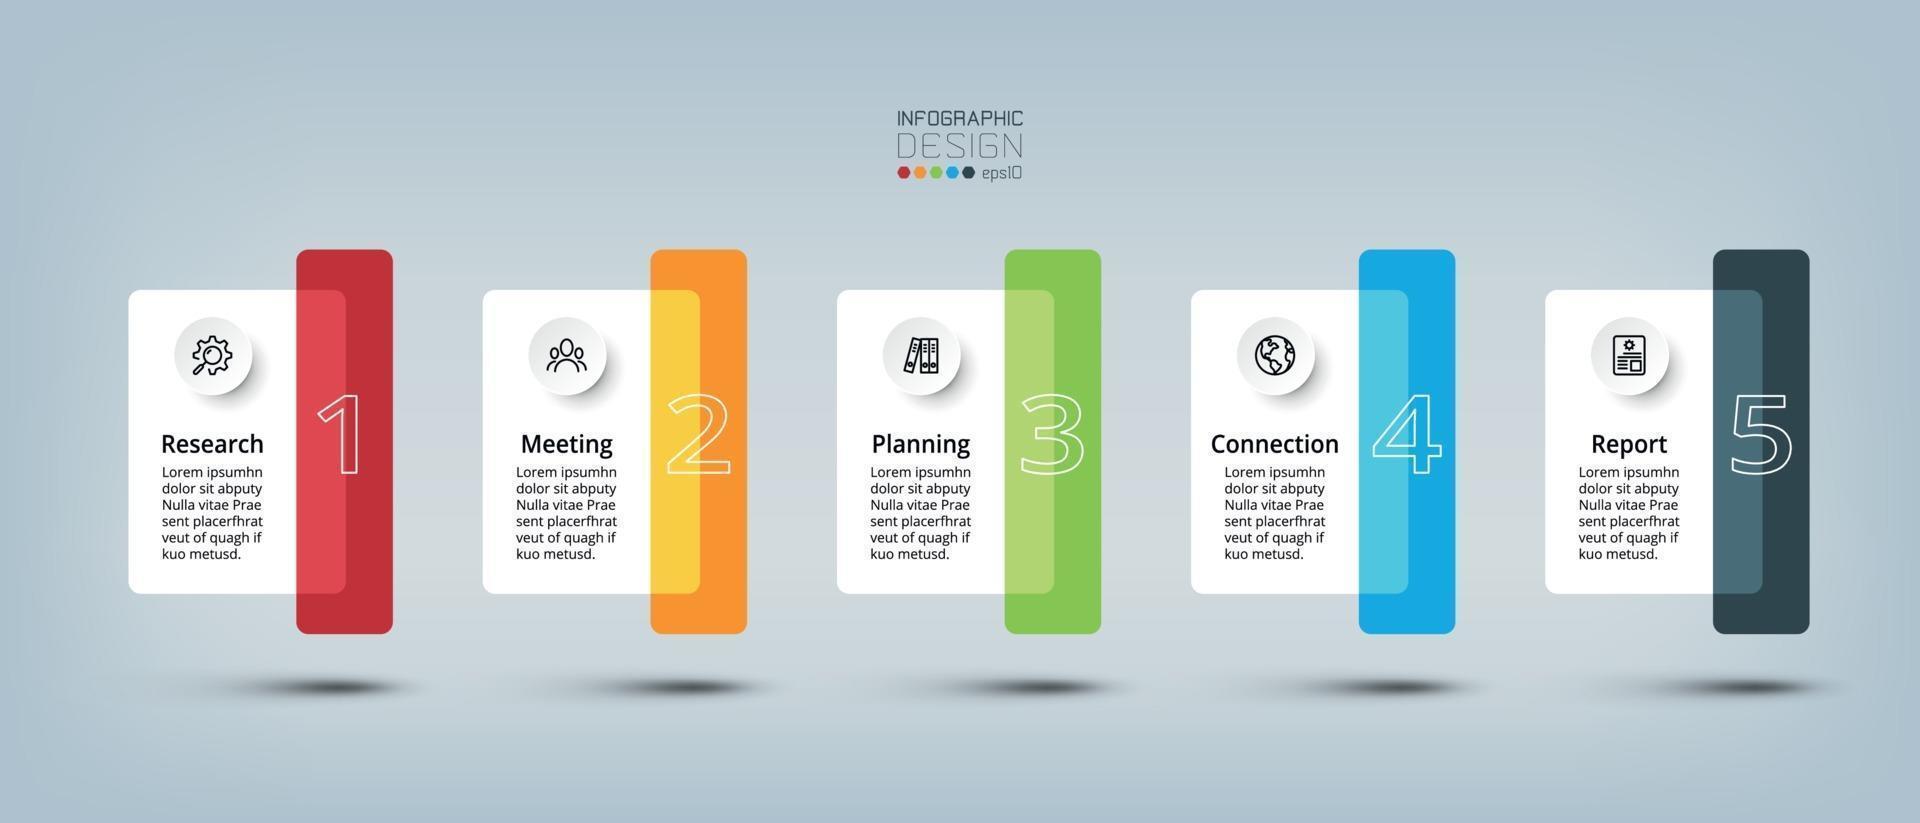 desenho quadrado moderno com 5 procedimentos de trabalho para apresentação de resultados e capacidades para negócios, organização, empresa e marketing. infográfico de vetor. vetor